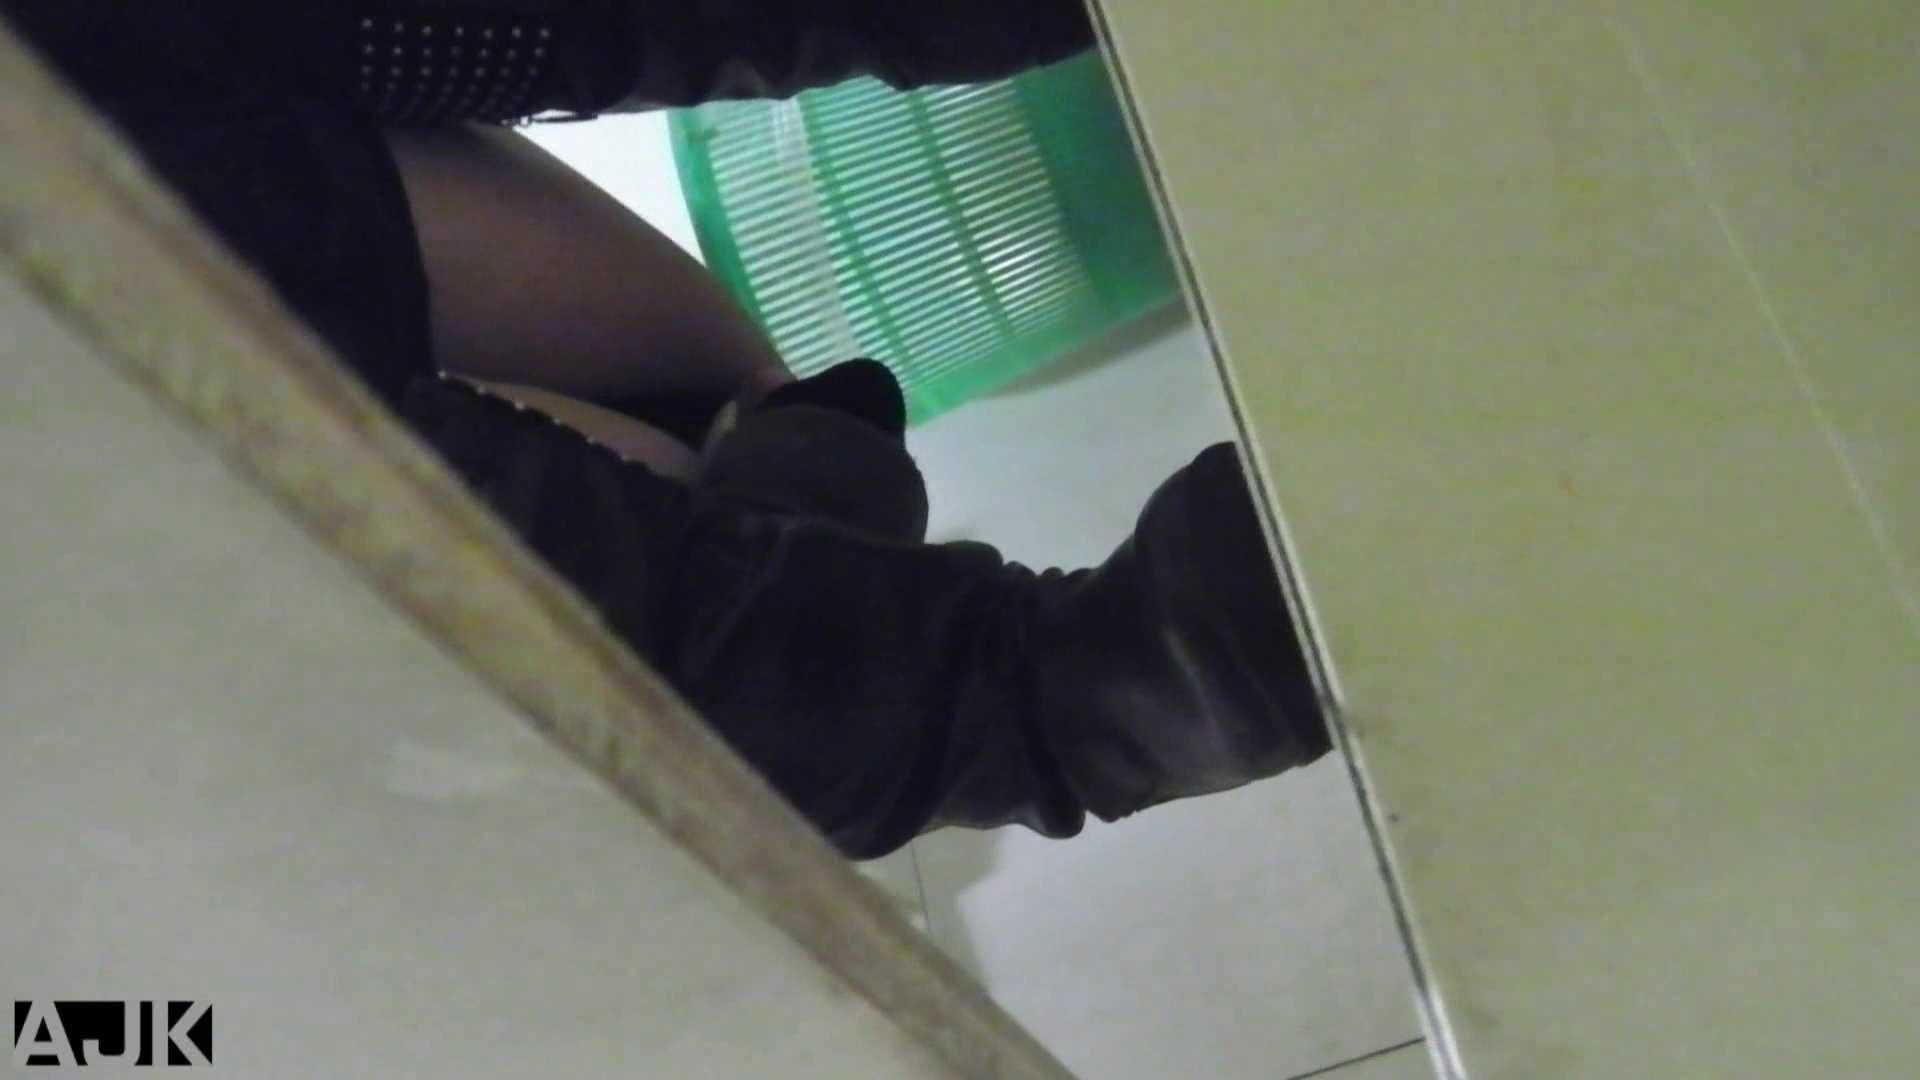 隣国上階級エリアの令嬢たちが集うデパートお手洗い Vol.01 OLの実態  42pic 27